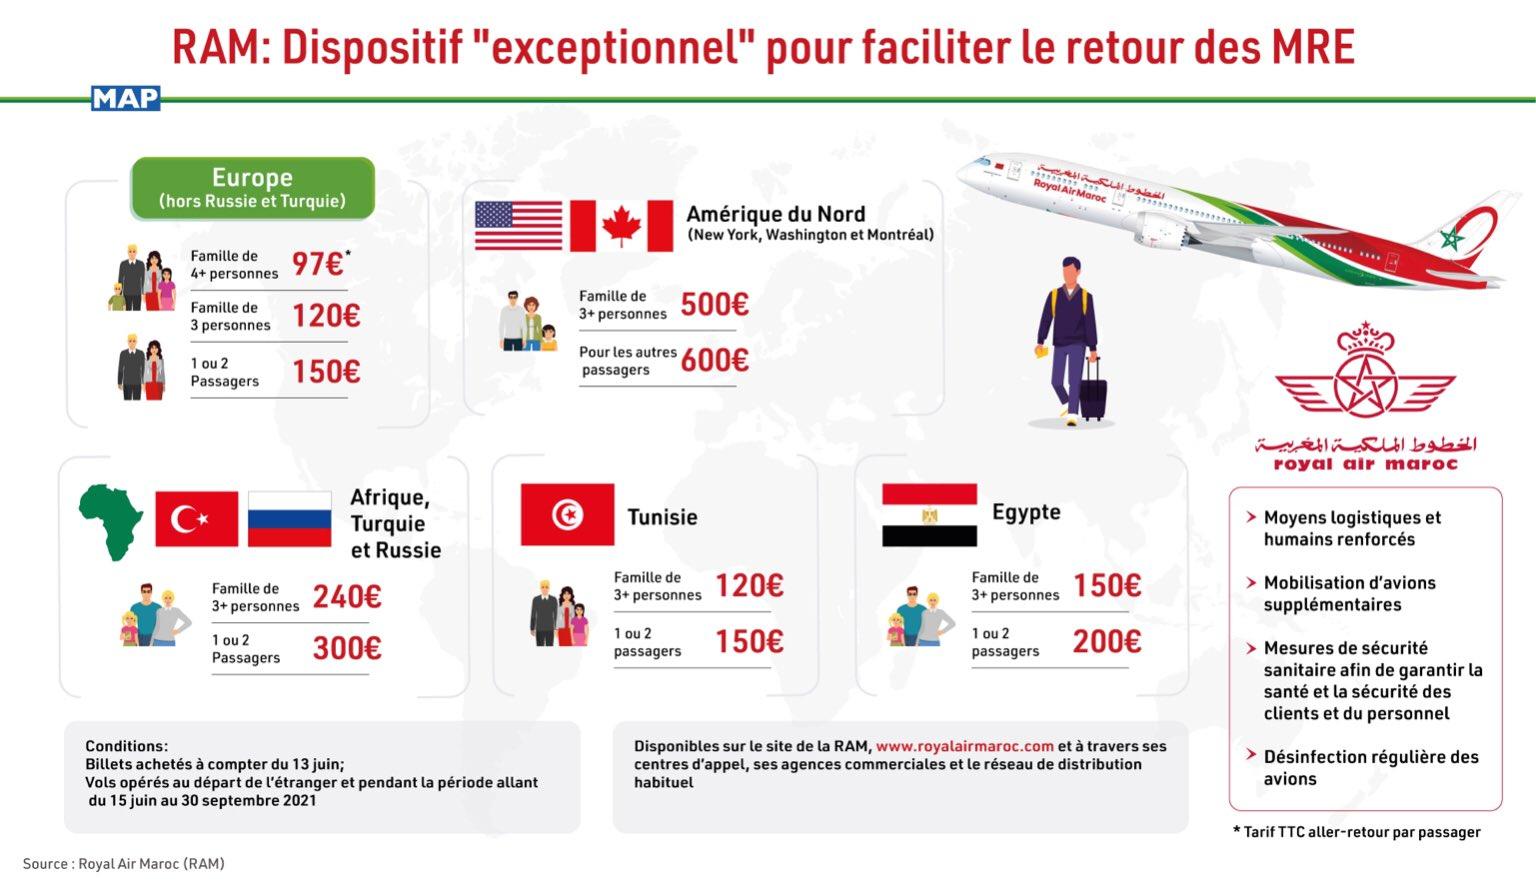 Royal Air Maroc : Tarifs exceptionnels pour les Marocains résidant à l'étranger